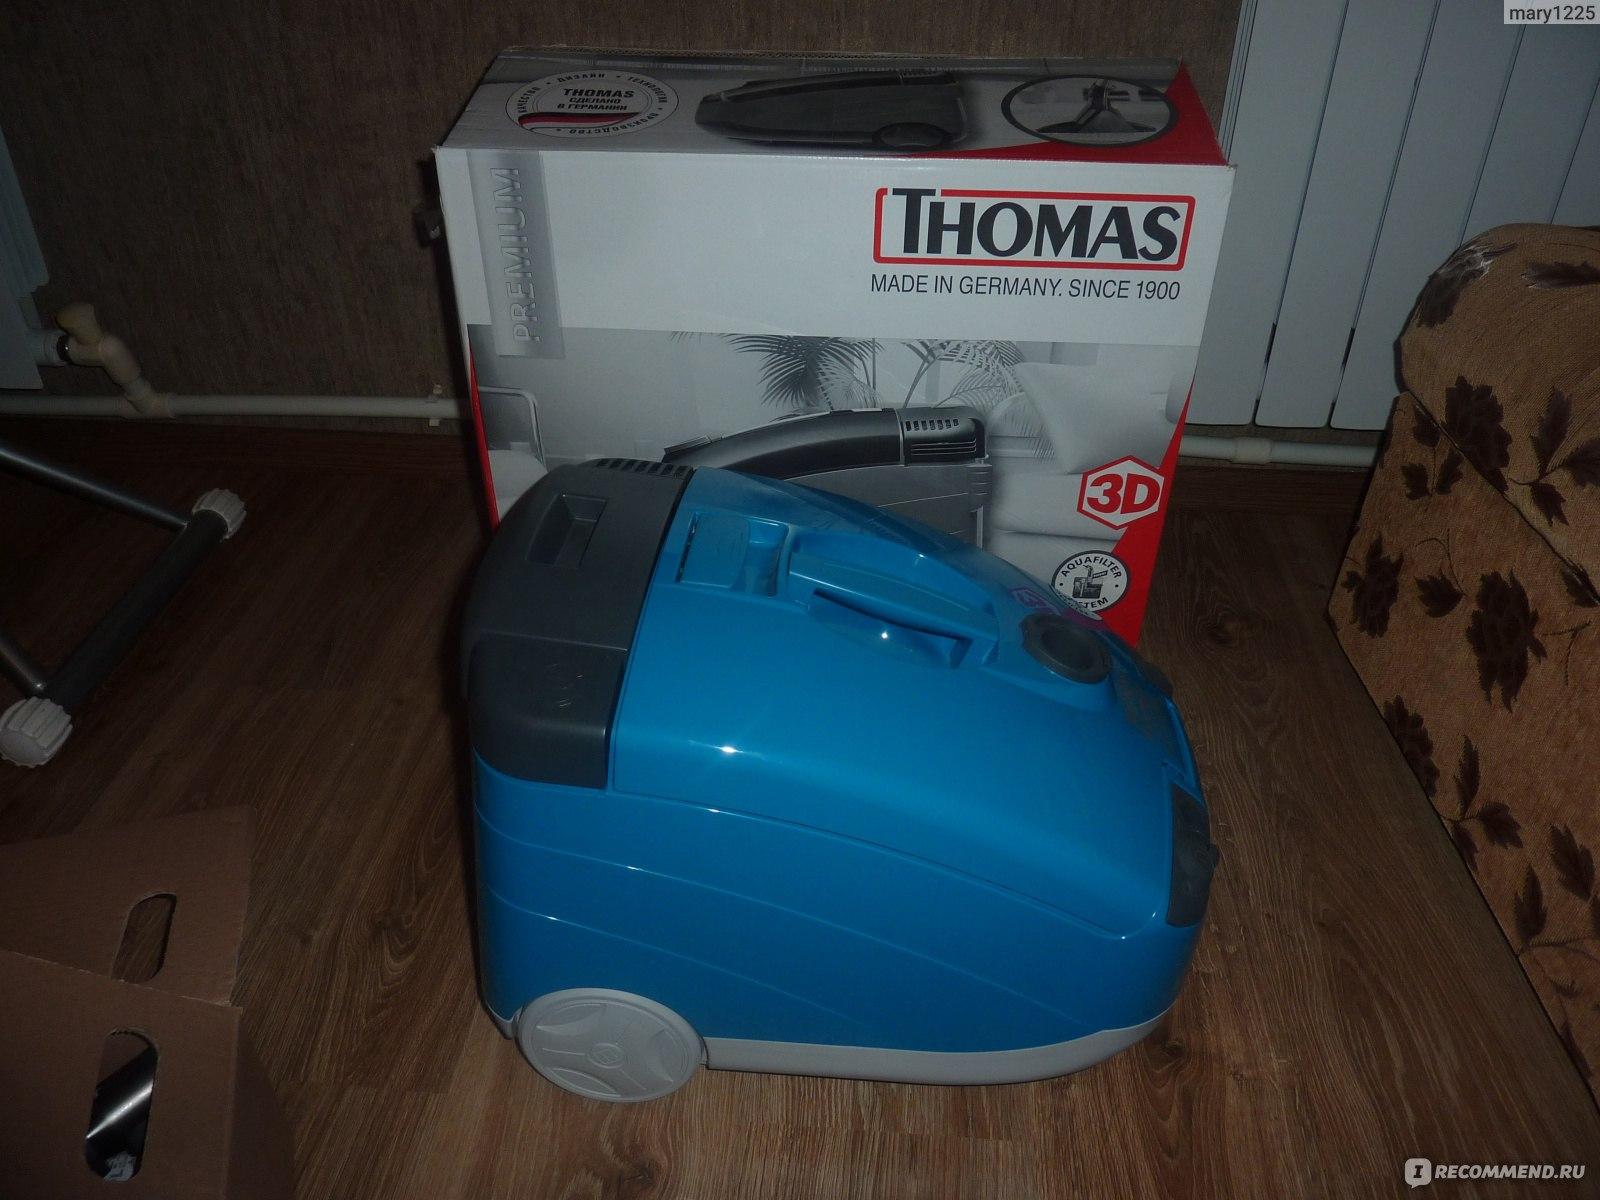 Пылесосы thomas с аквафильтром: отзывы, моющий, для сухой уборки, как пользоваться, инструкция, рейтинг